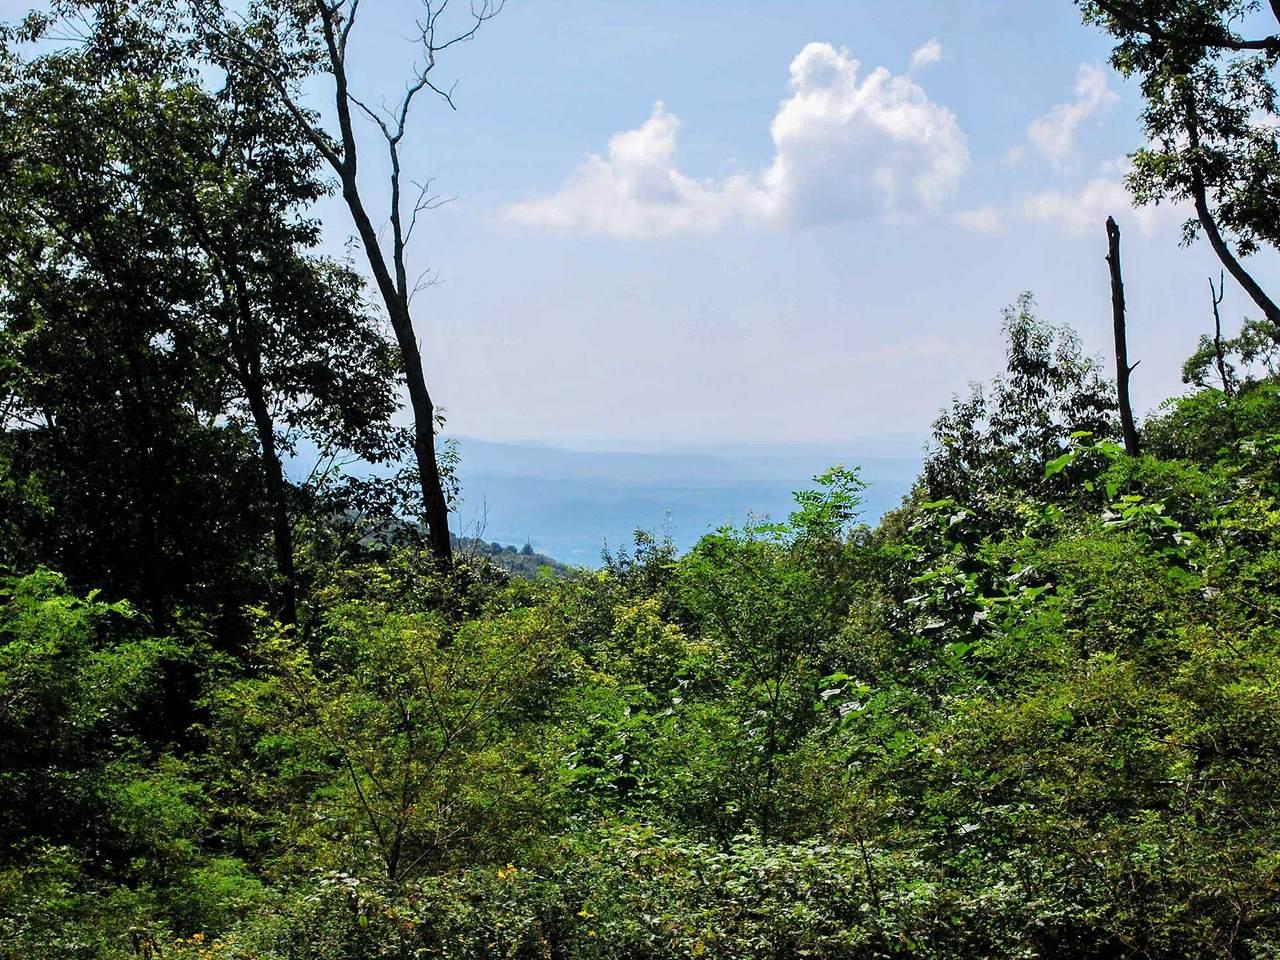 704 Summit Village Trl - Photo 1